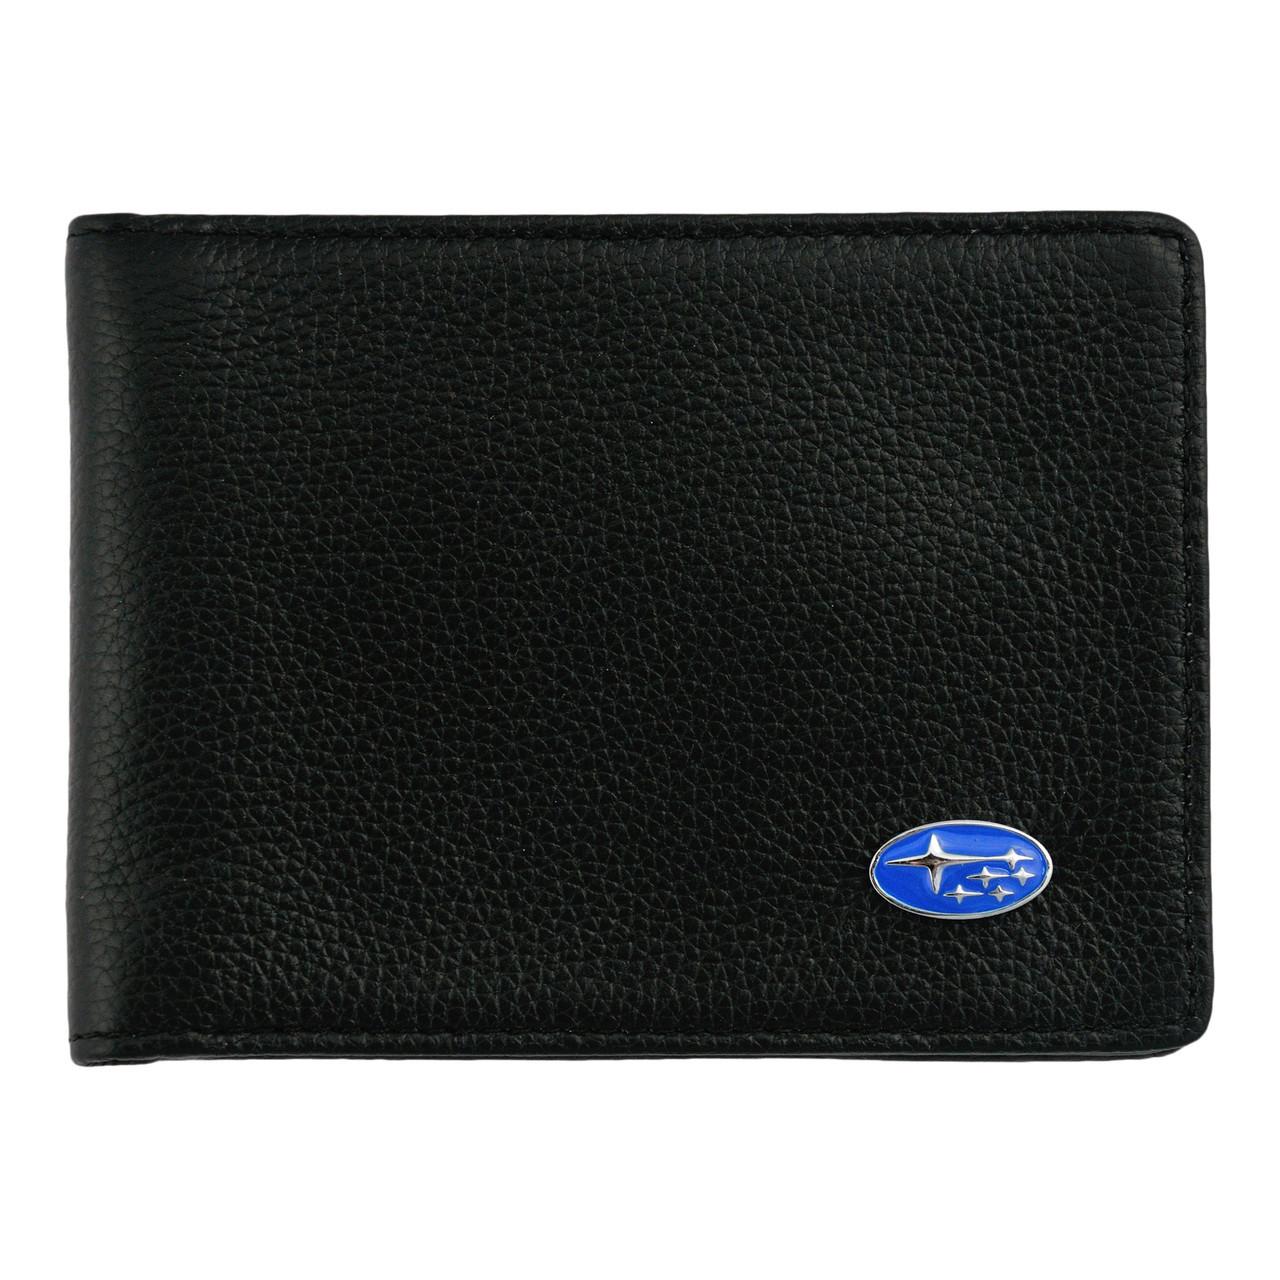 Кожаный бумажник двойного сложения с эмблемой SUBARU